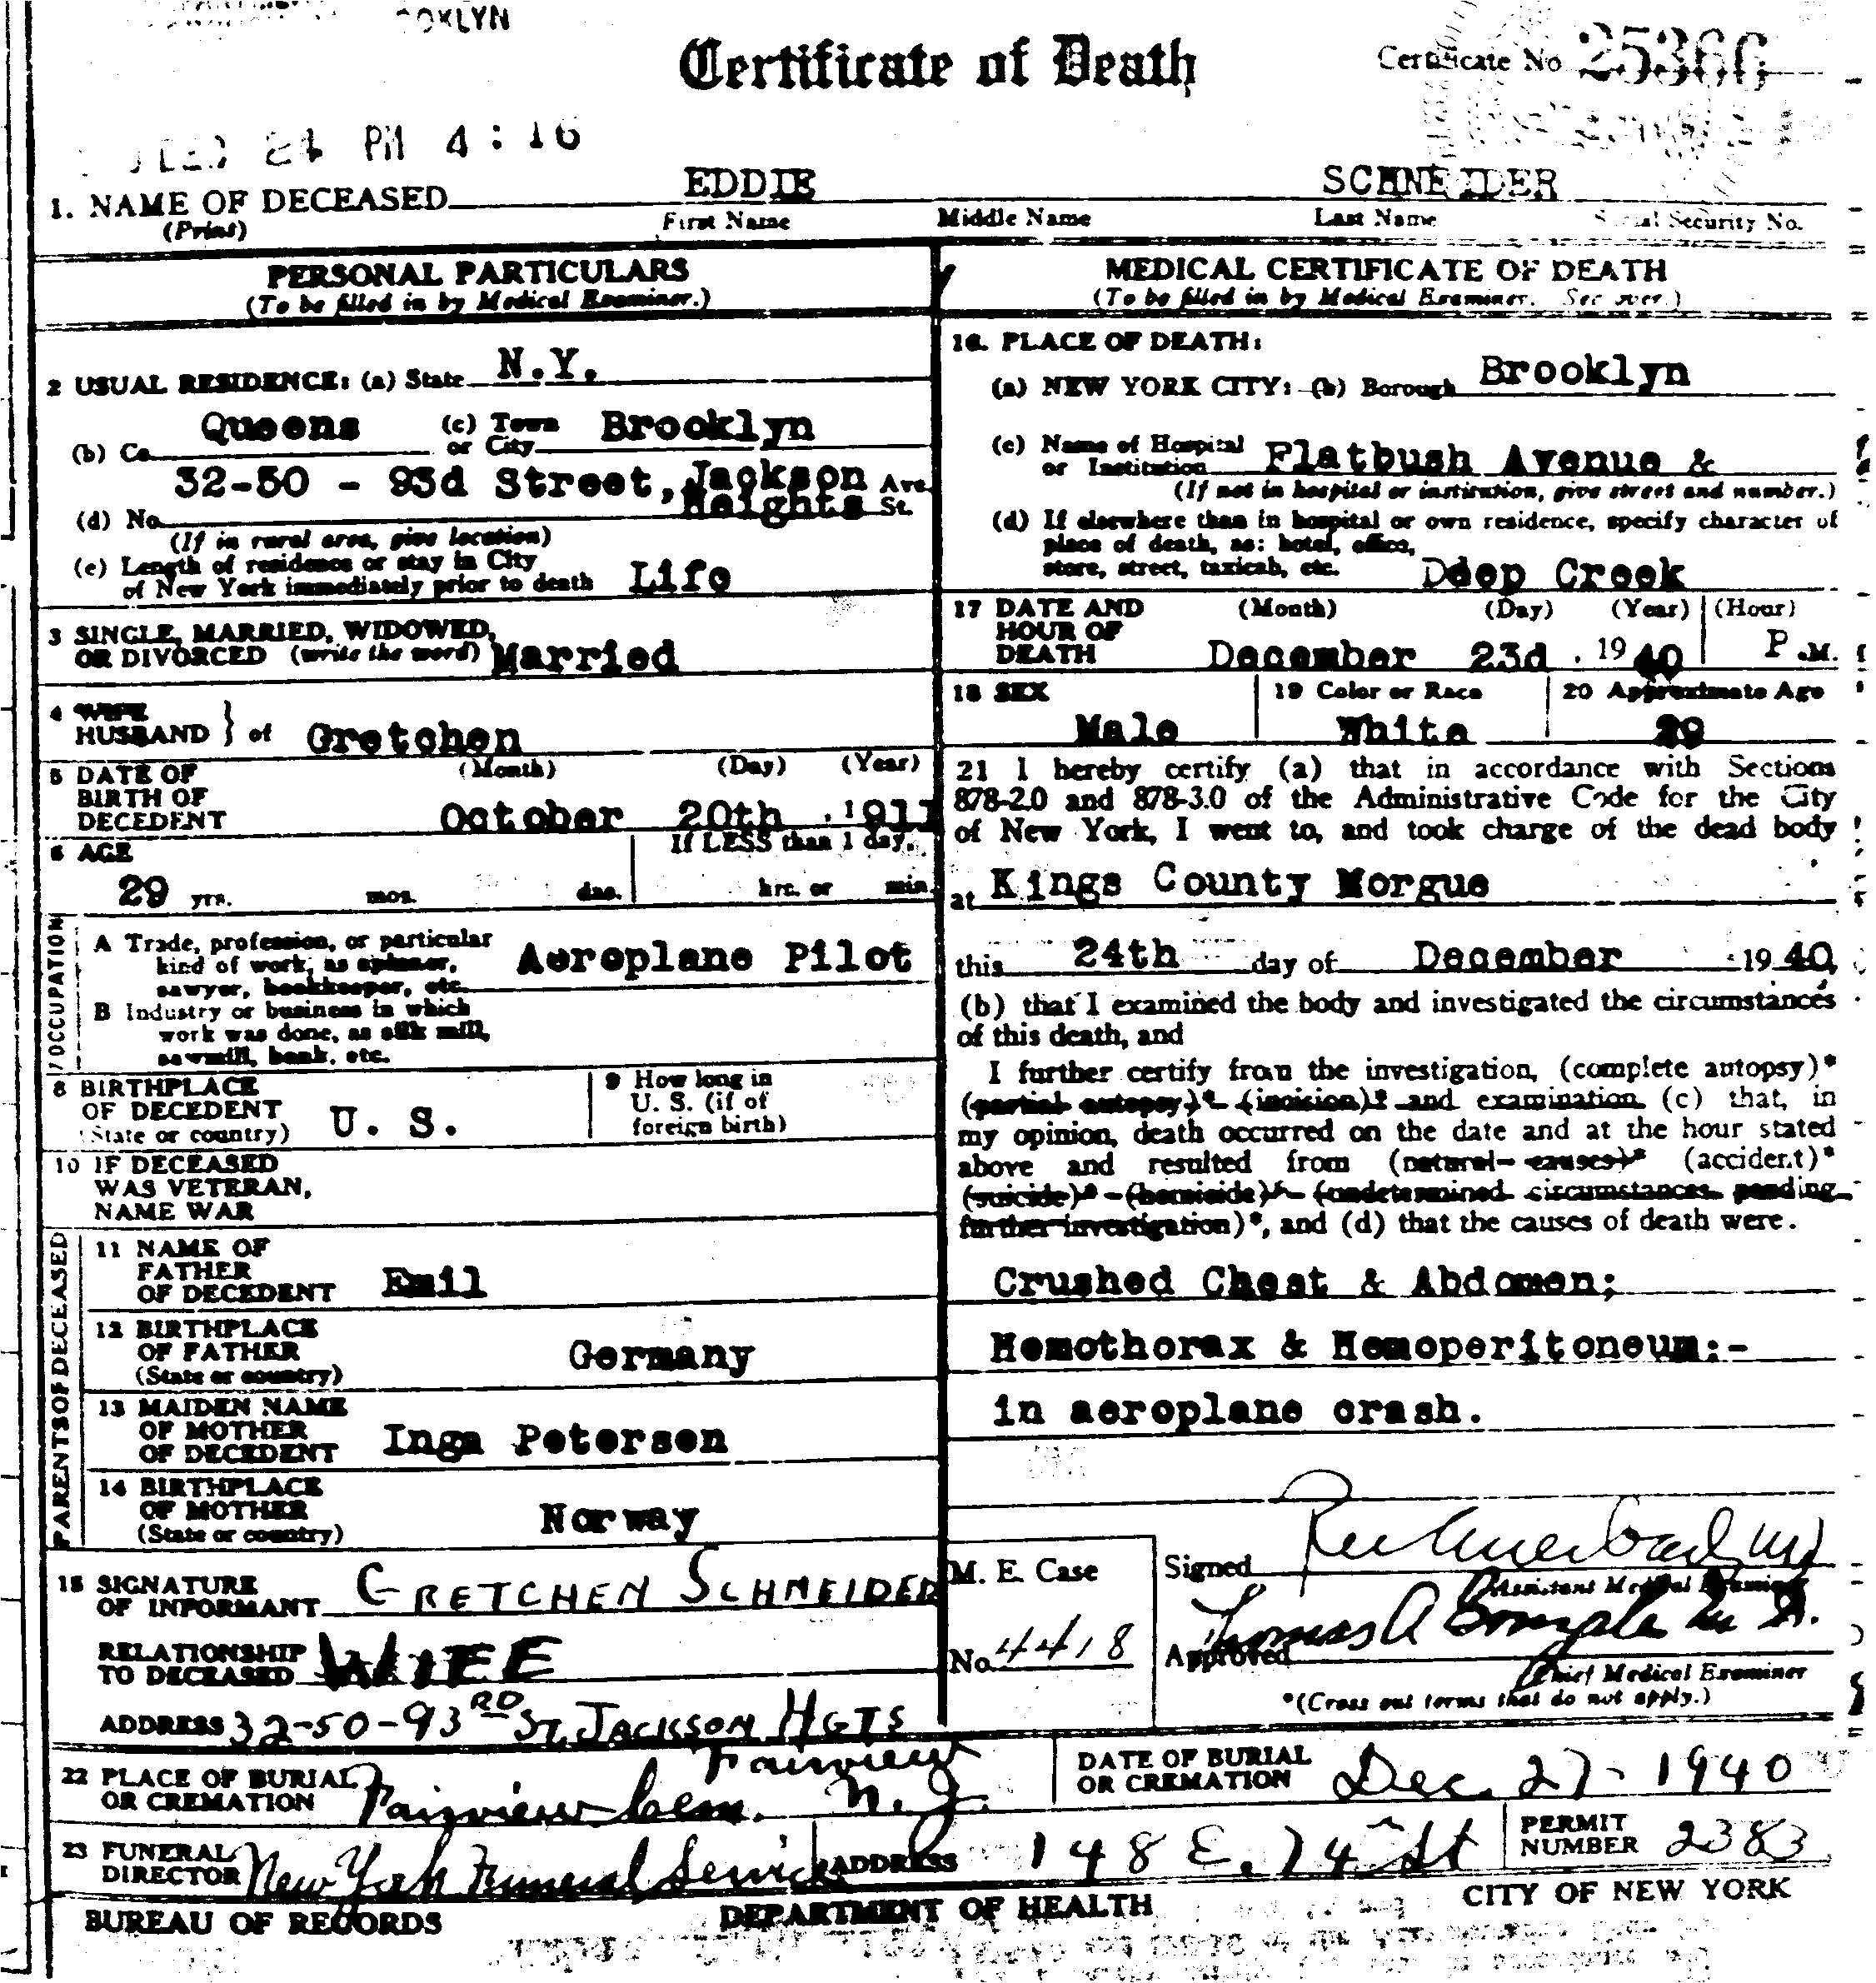 eddie august schneider 281911 1940 29 death certificate gif